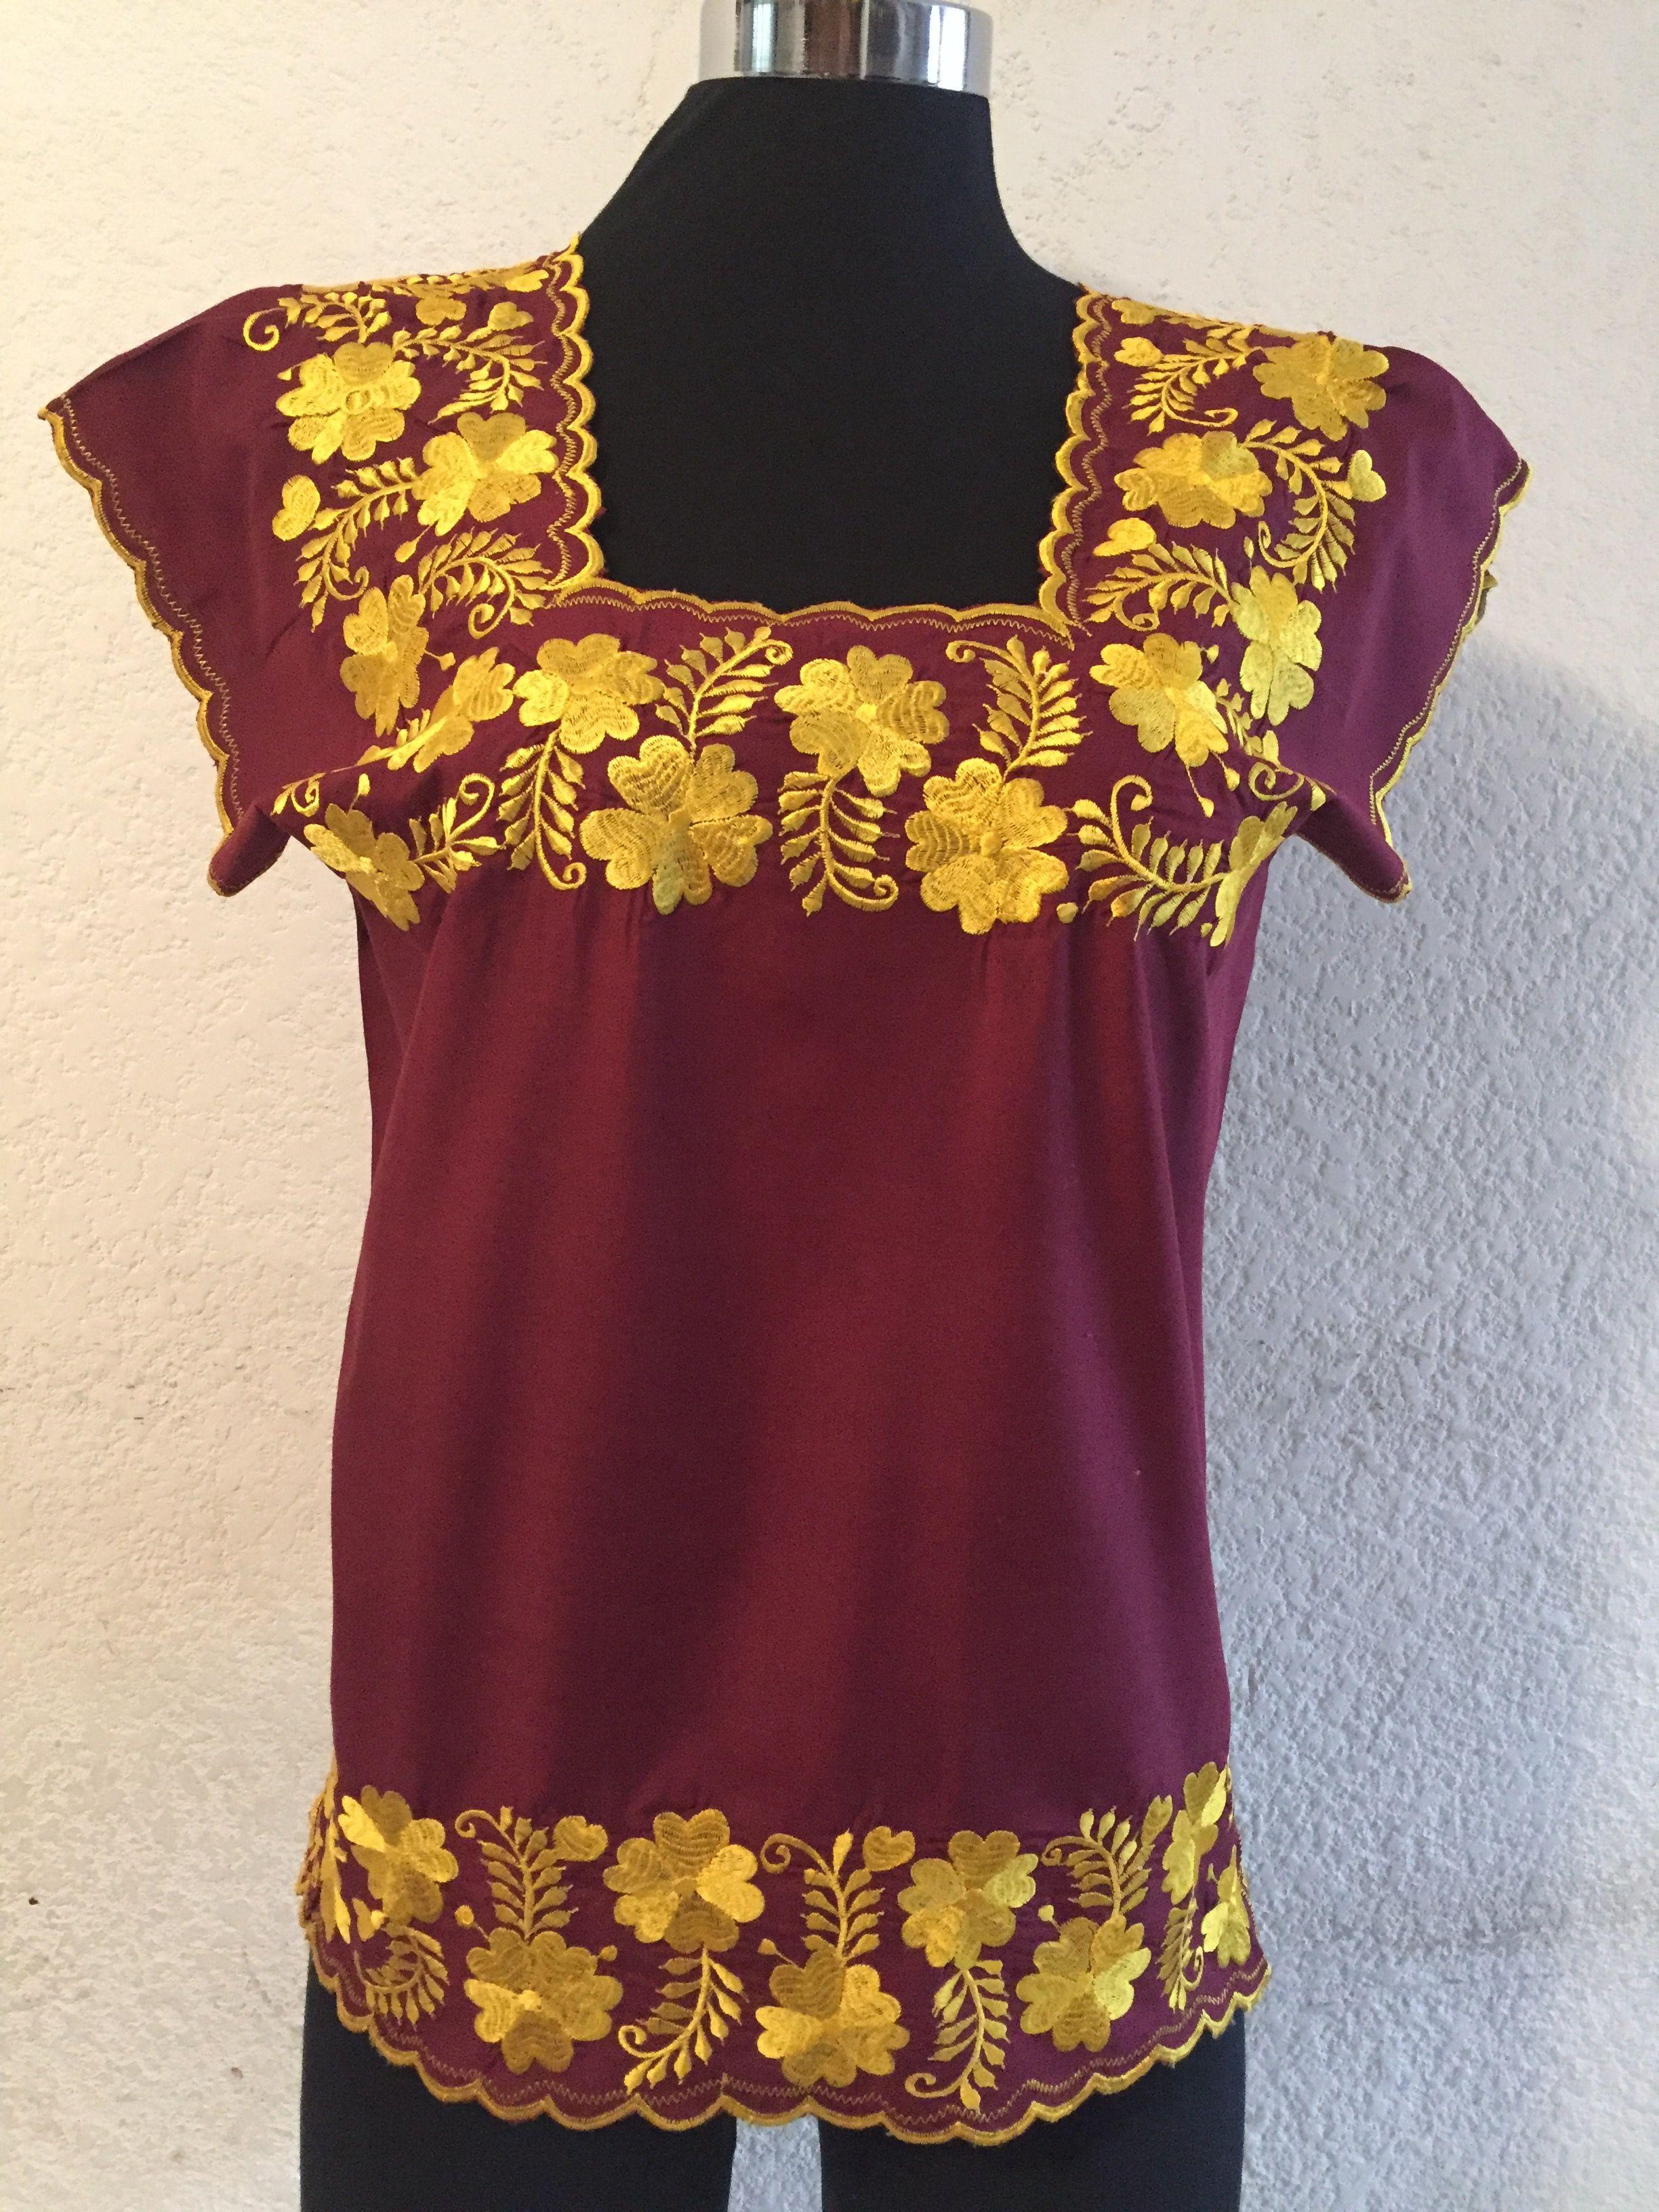 5e04053cb La blusa ideal para ti está en Un Rincón Yucateco boutique. Contáctanos  55-40491374